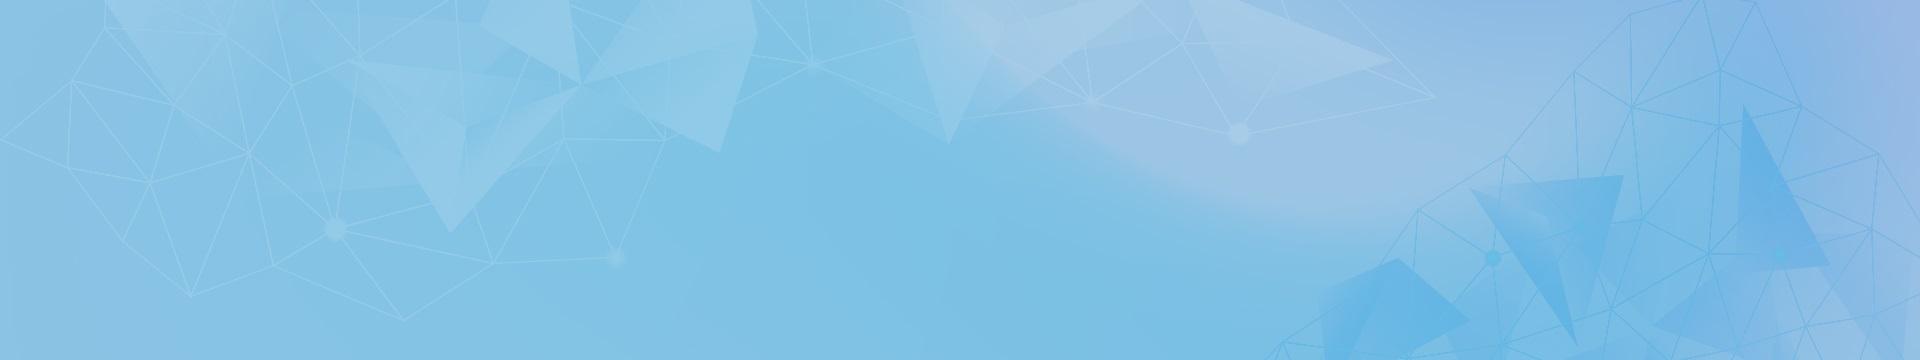 Sanfor Technologies Blog Background Image